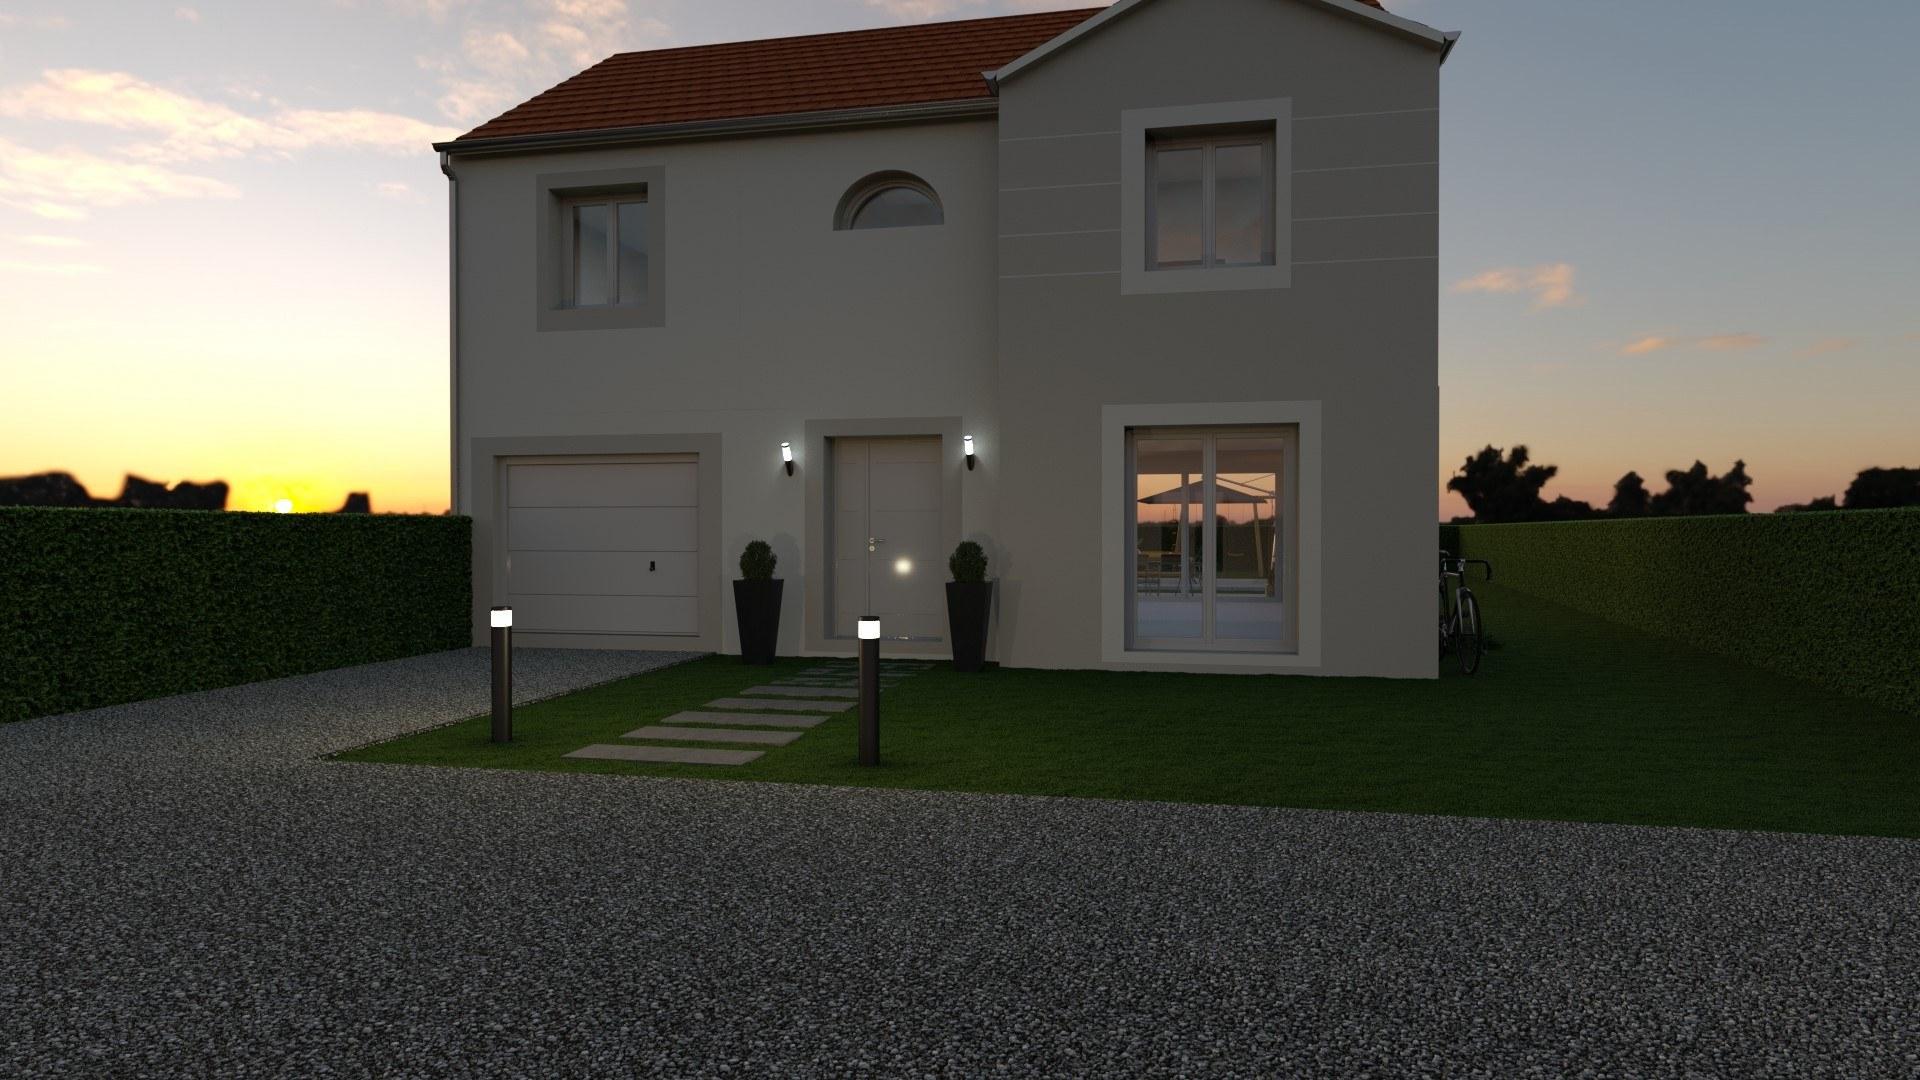 Maisons + Terrains du constructeur MAISON FAMILIALE • 130 m² • LA FERTE SOUS JOUARRE